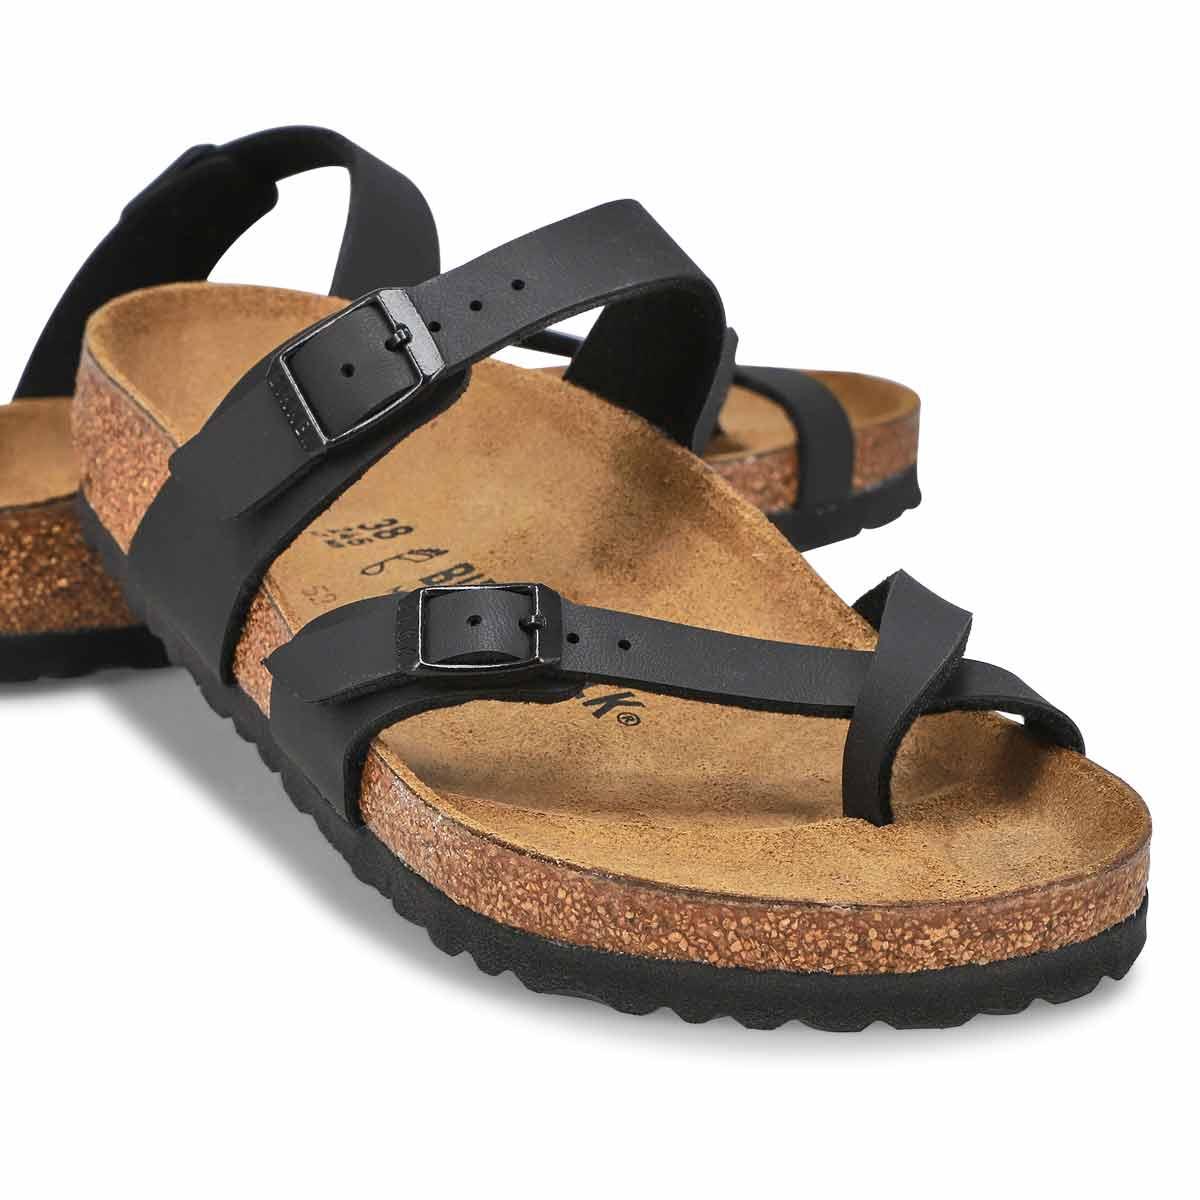 Sandales à passe-orteil MAYARI, noir, femmes